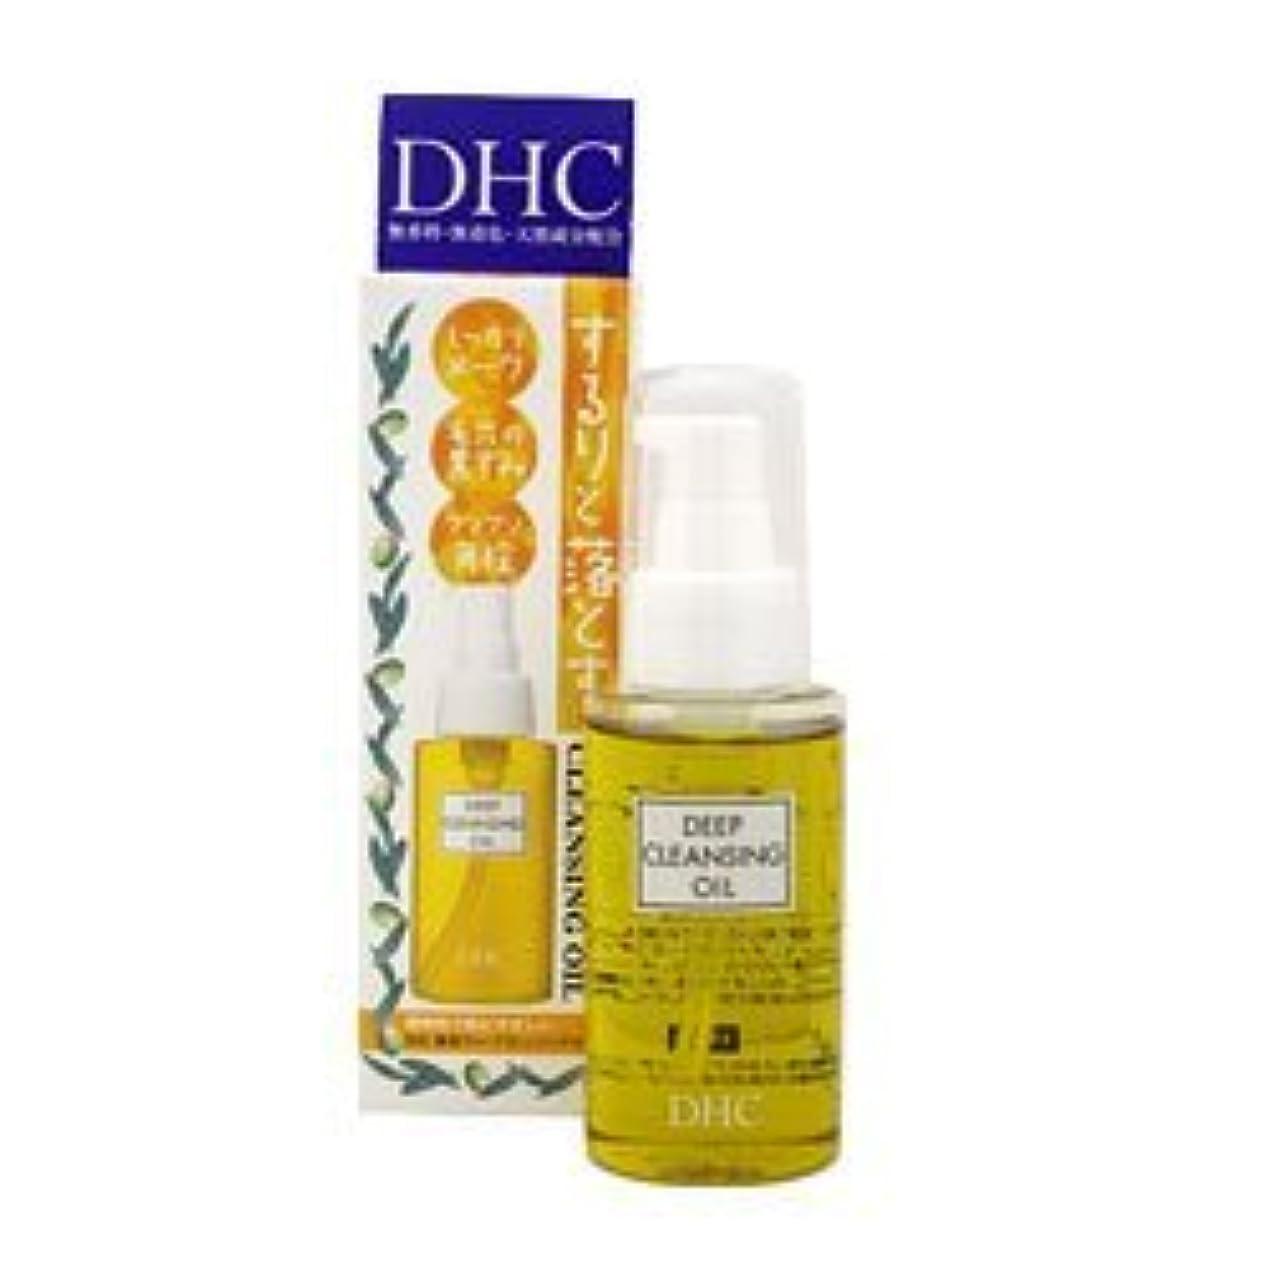 ワット良心激しい【DHC】DHC 薬用ディープクレンジングオイル(SS) 70ml ×20個セット